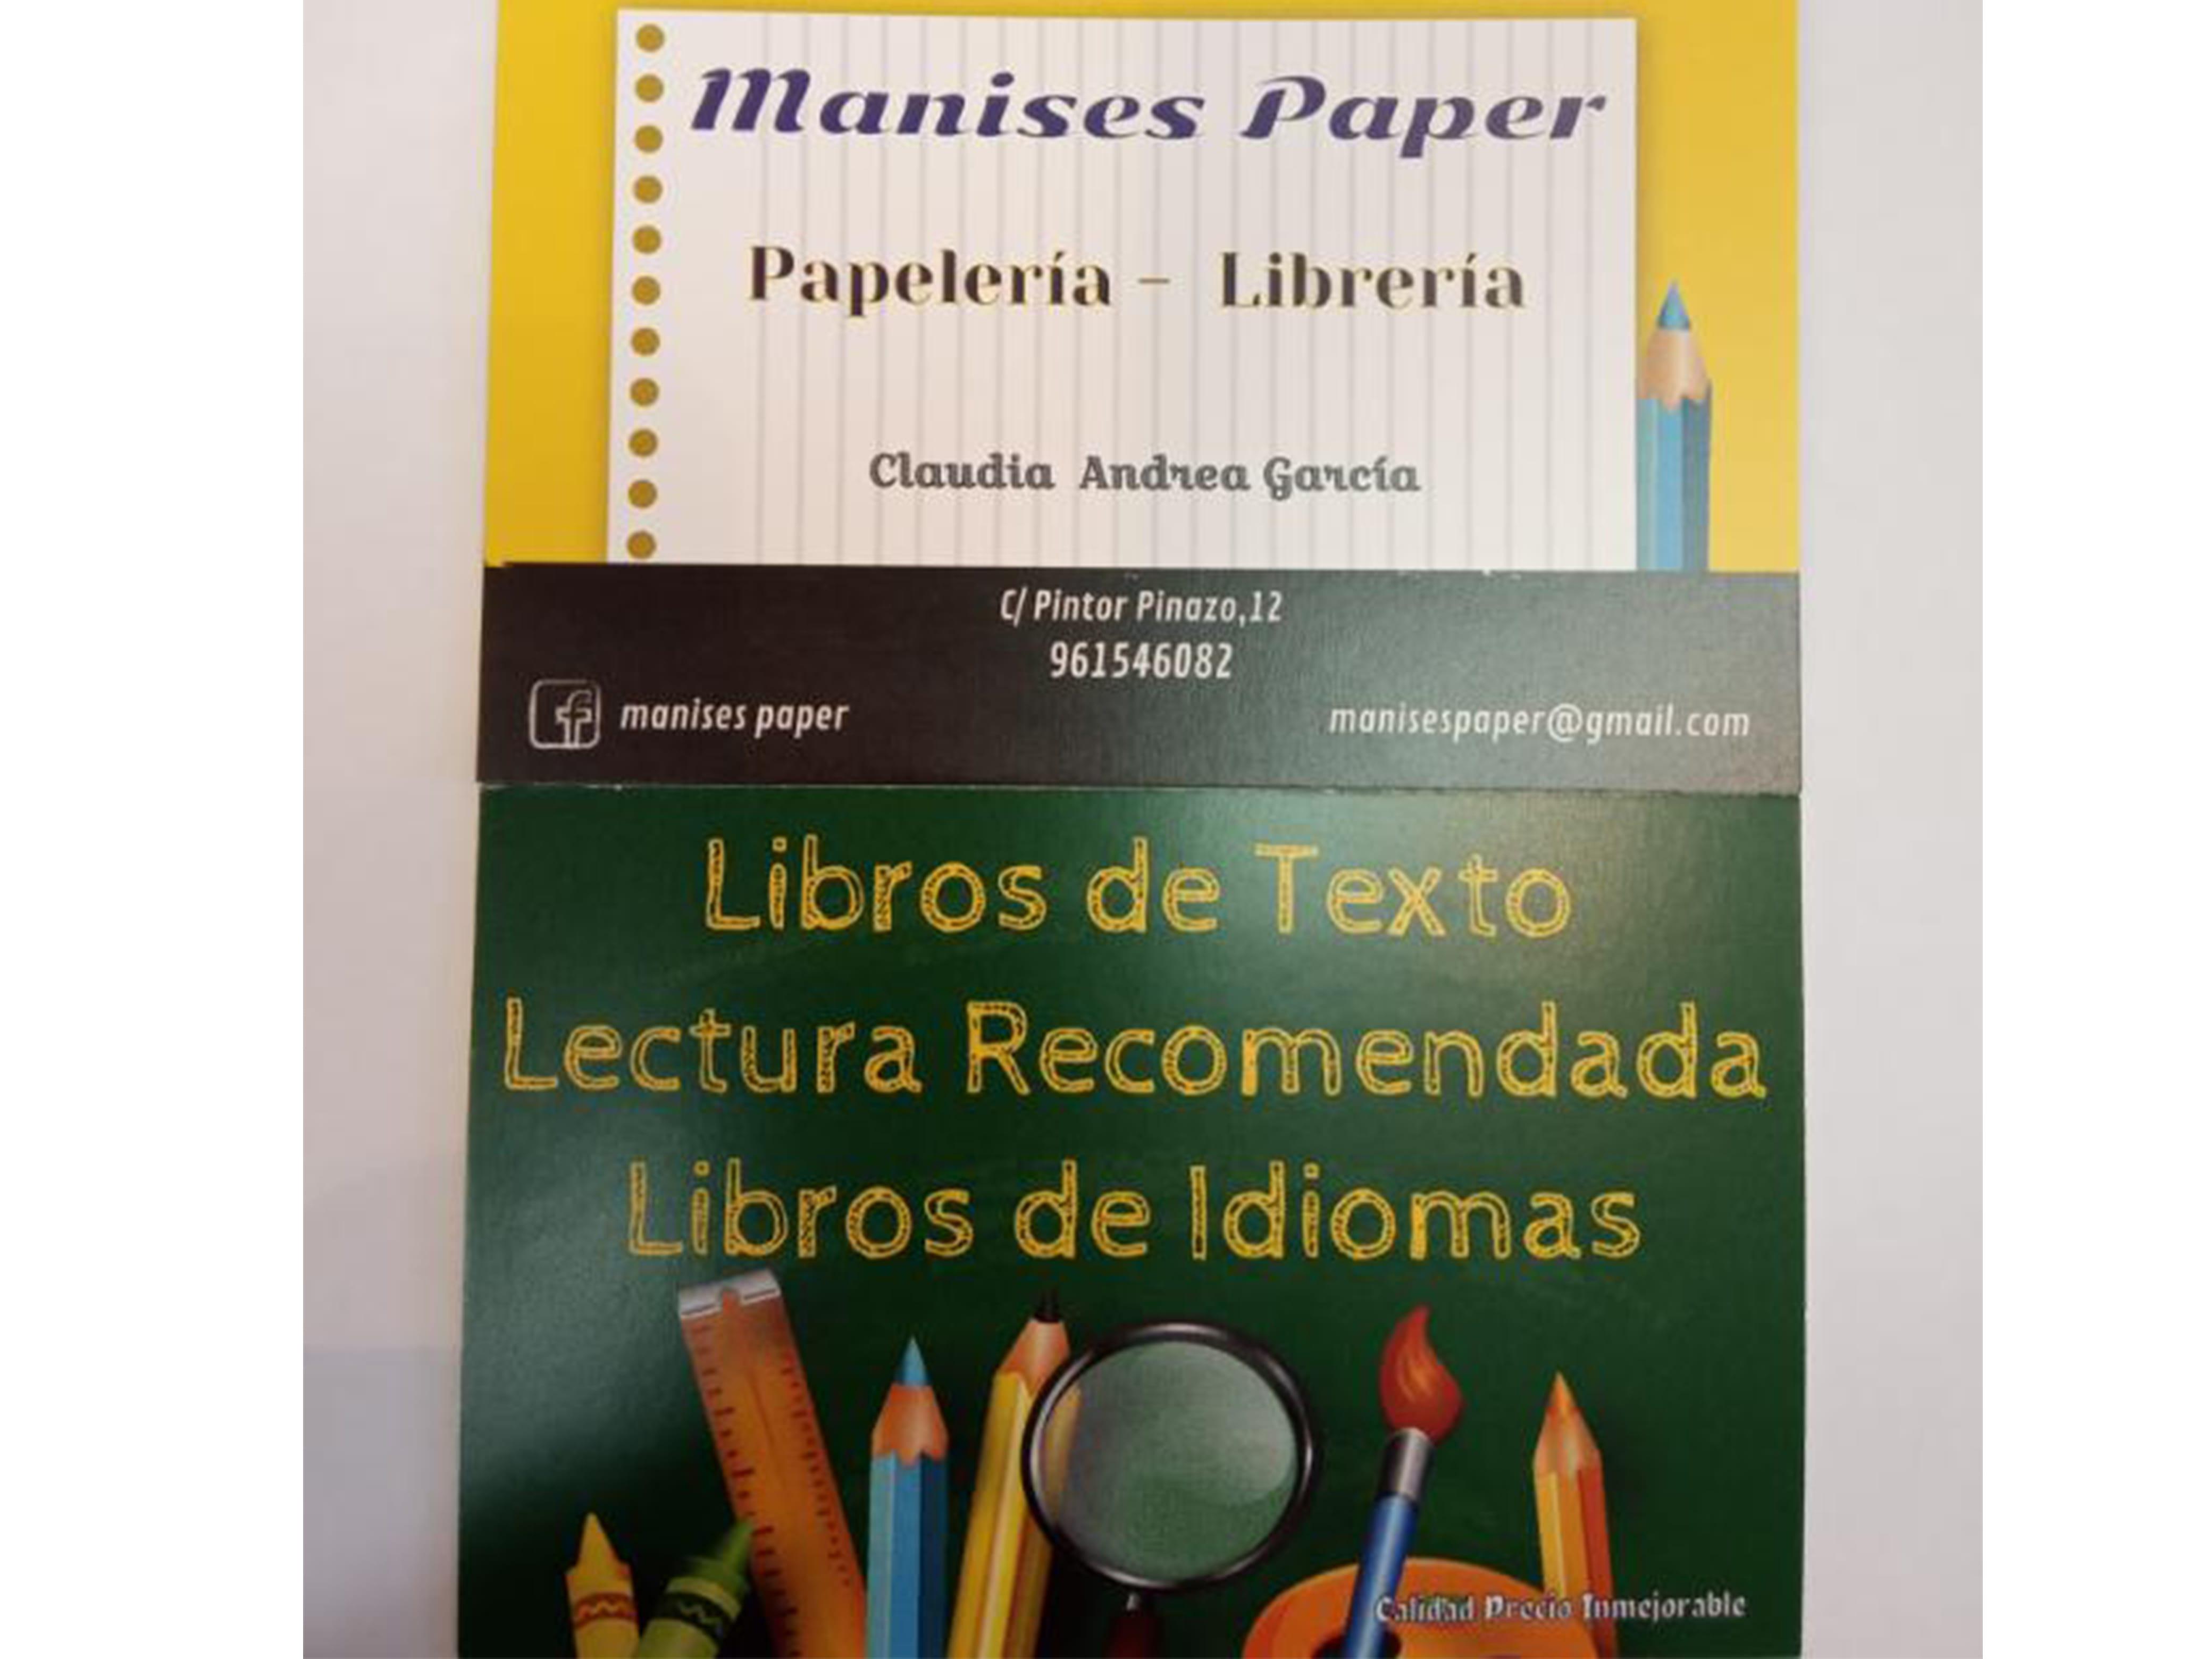 Papelería Librería Manises Paper